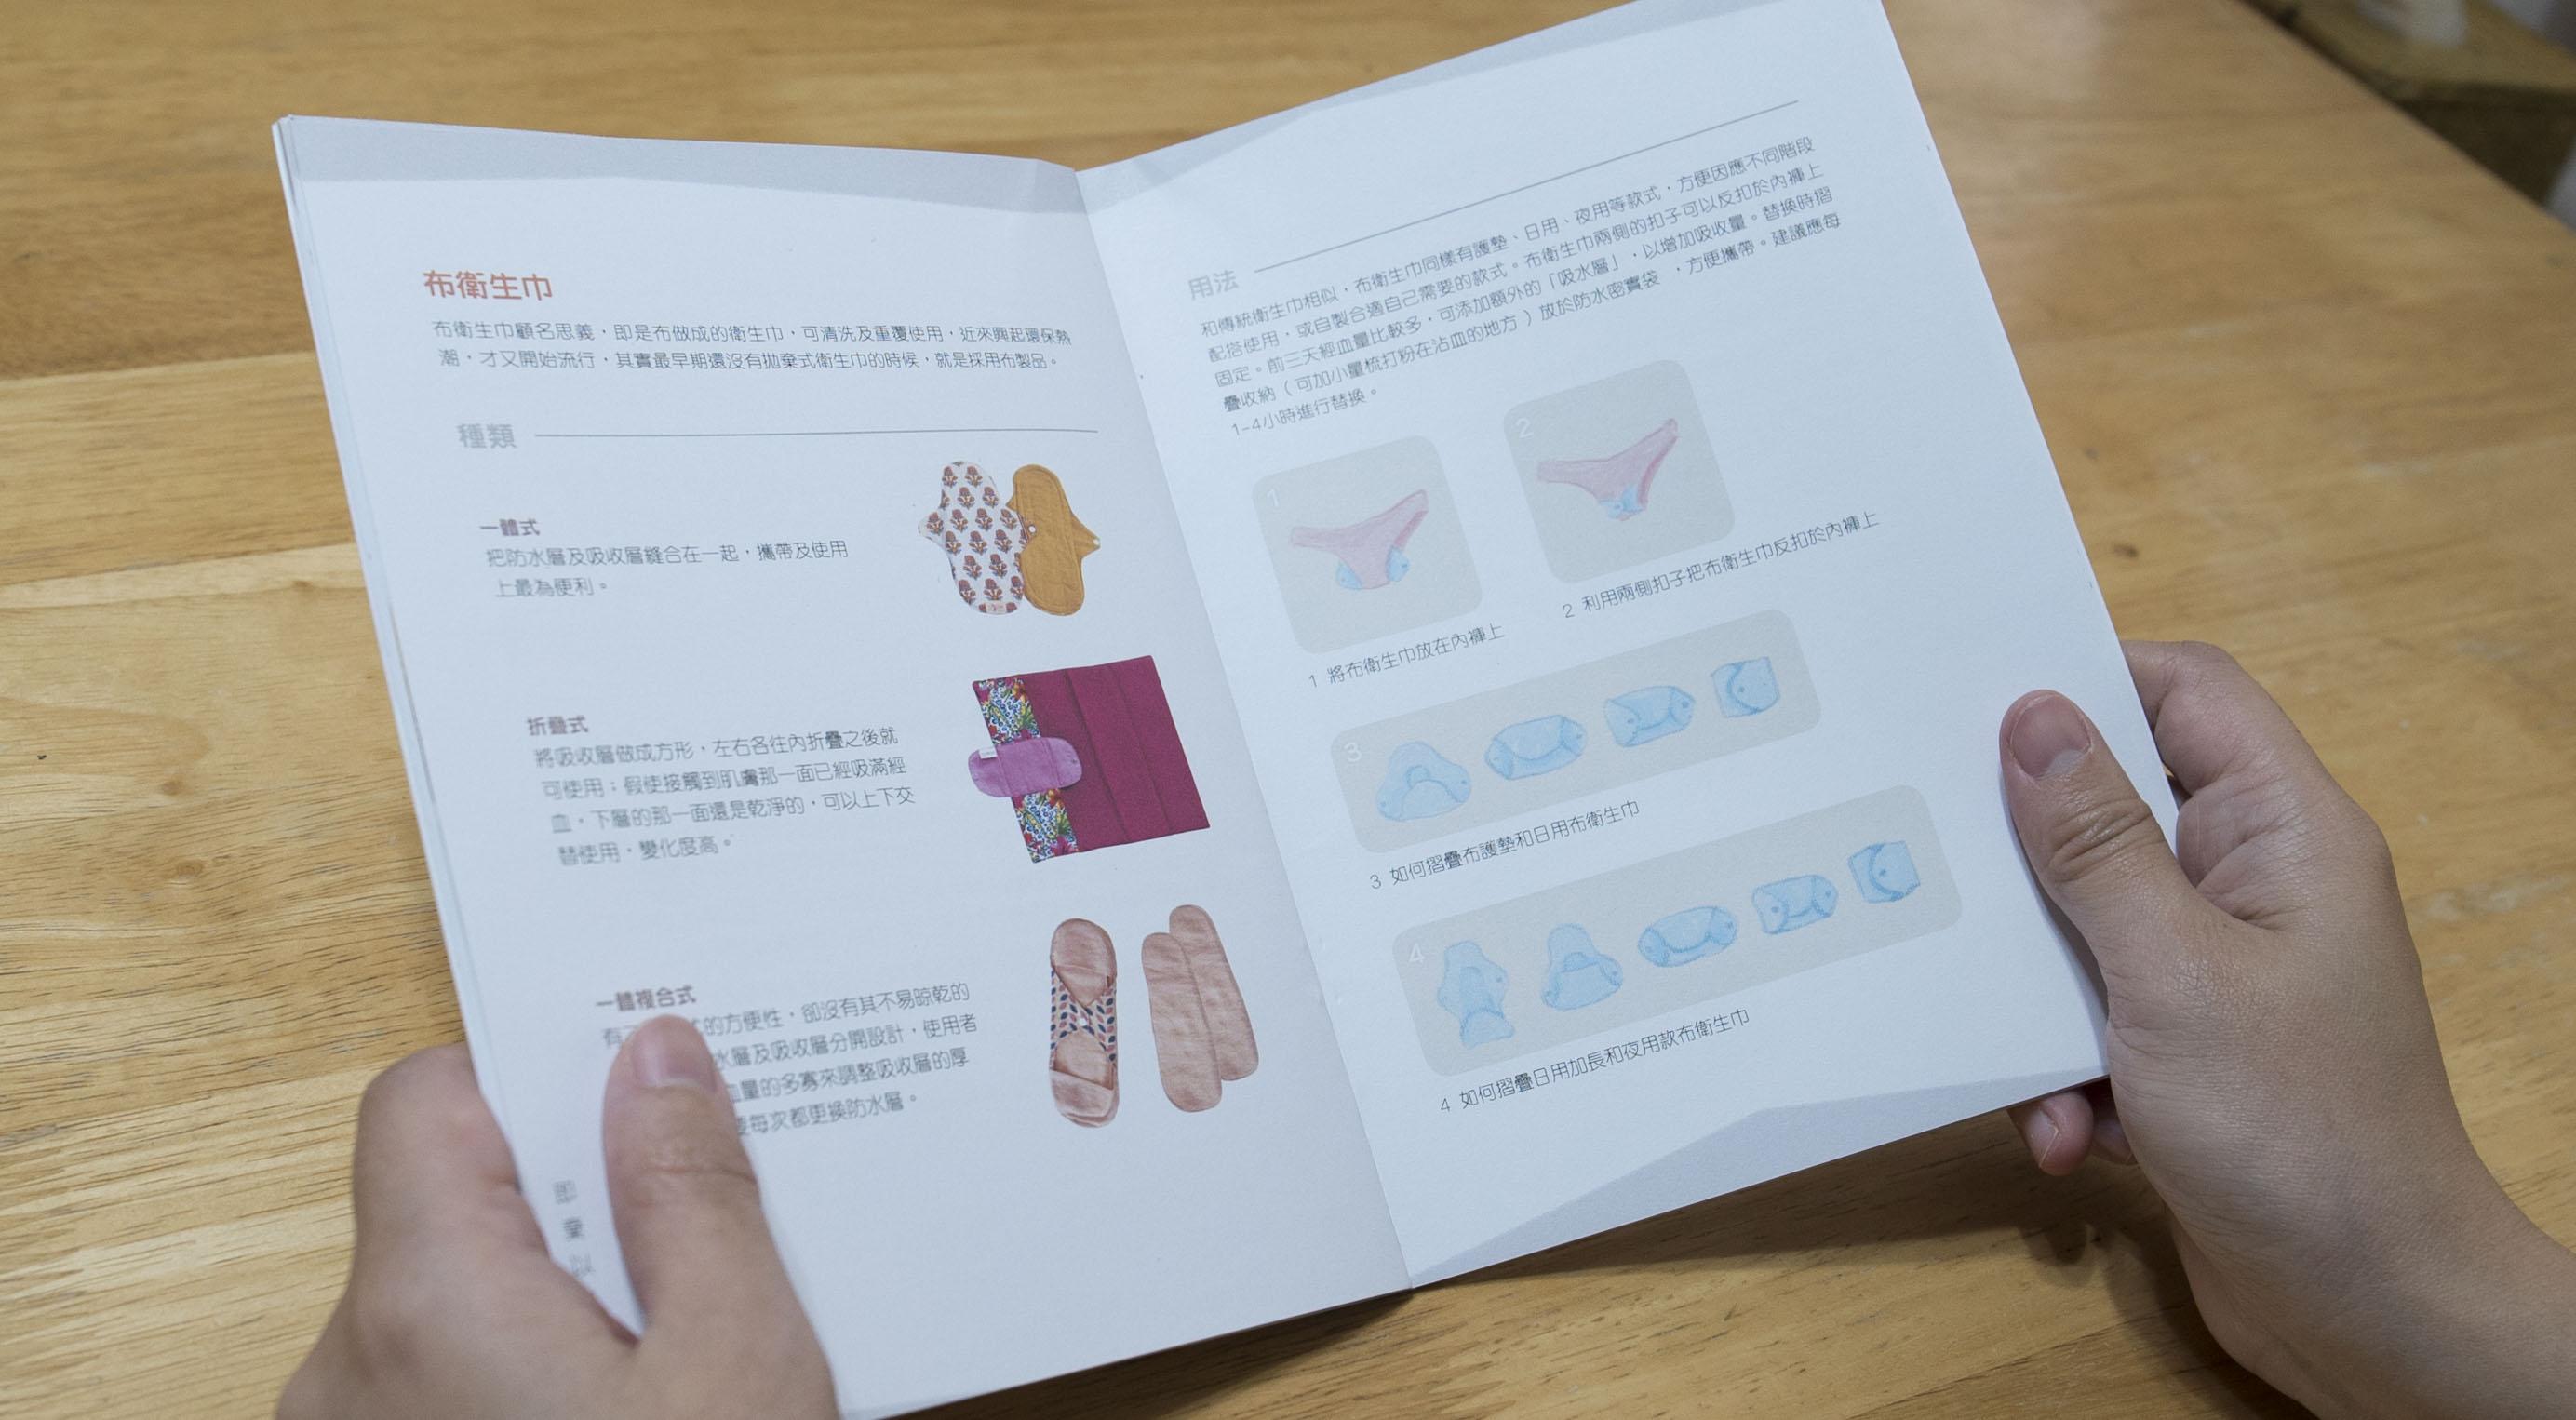 《十萬個月事為什麼》實體教學手冊介紹了不同的衛生用品及用法,還有電子書版本供公眾參考。